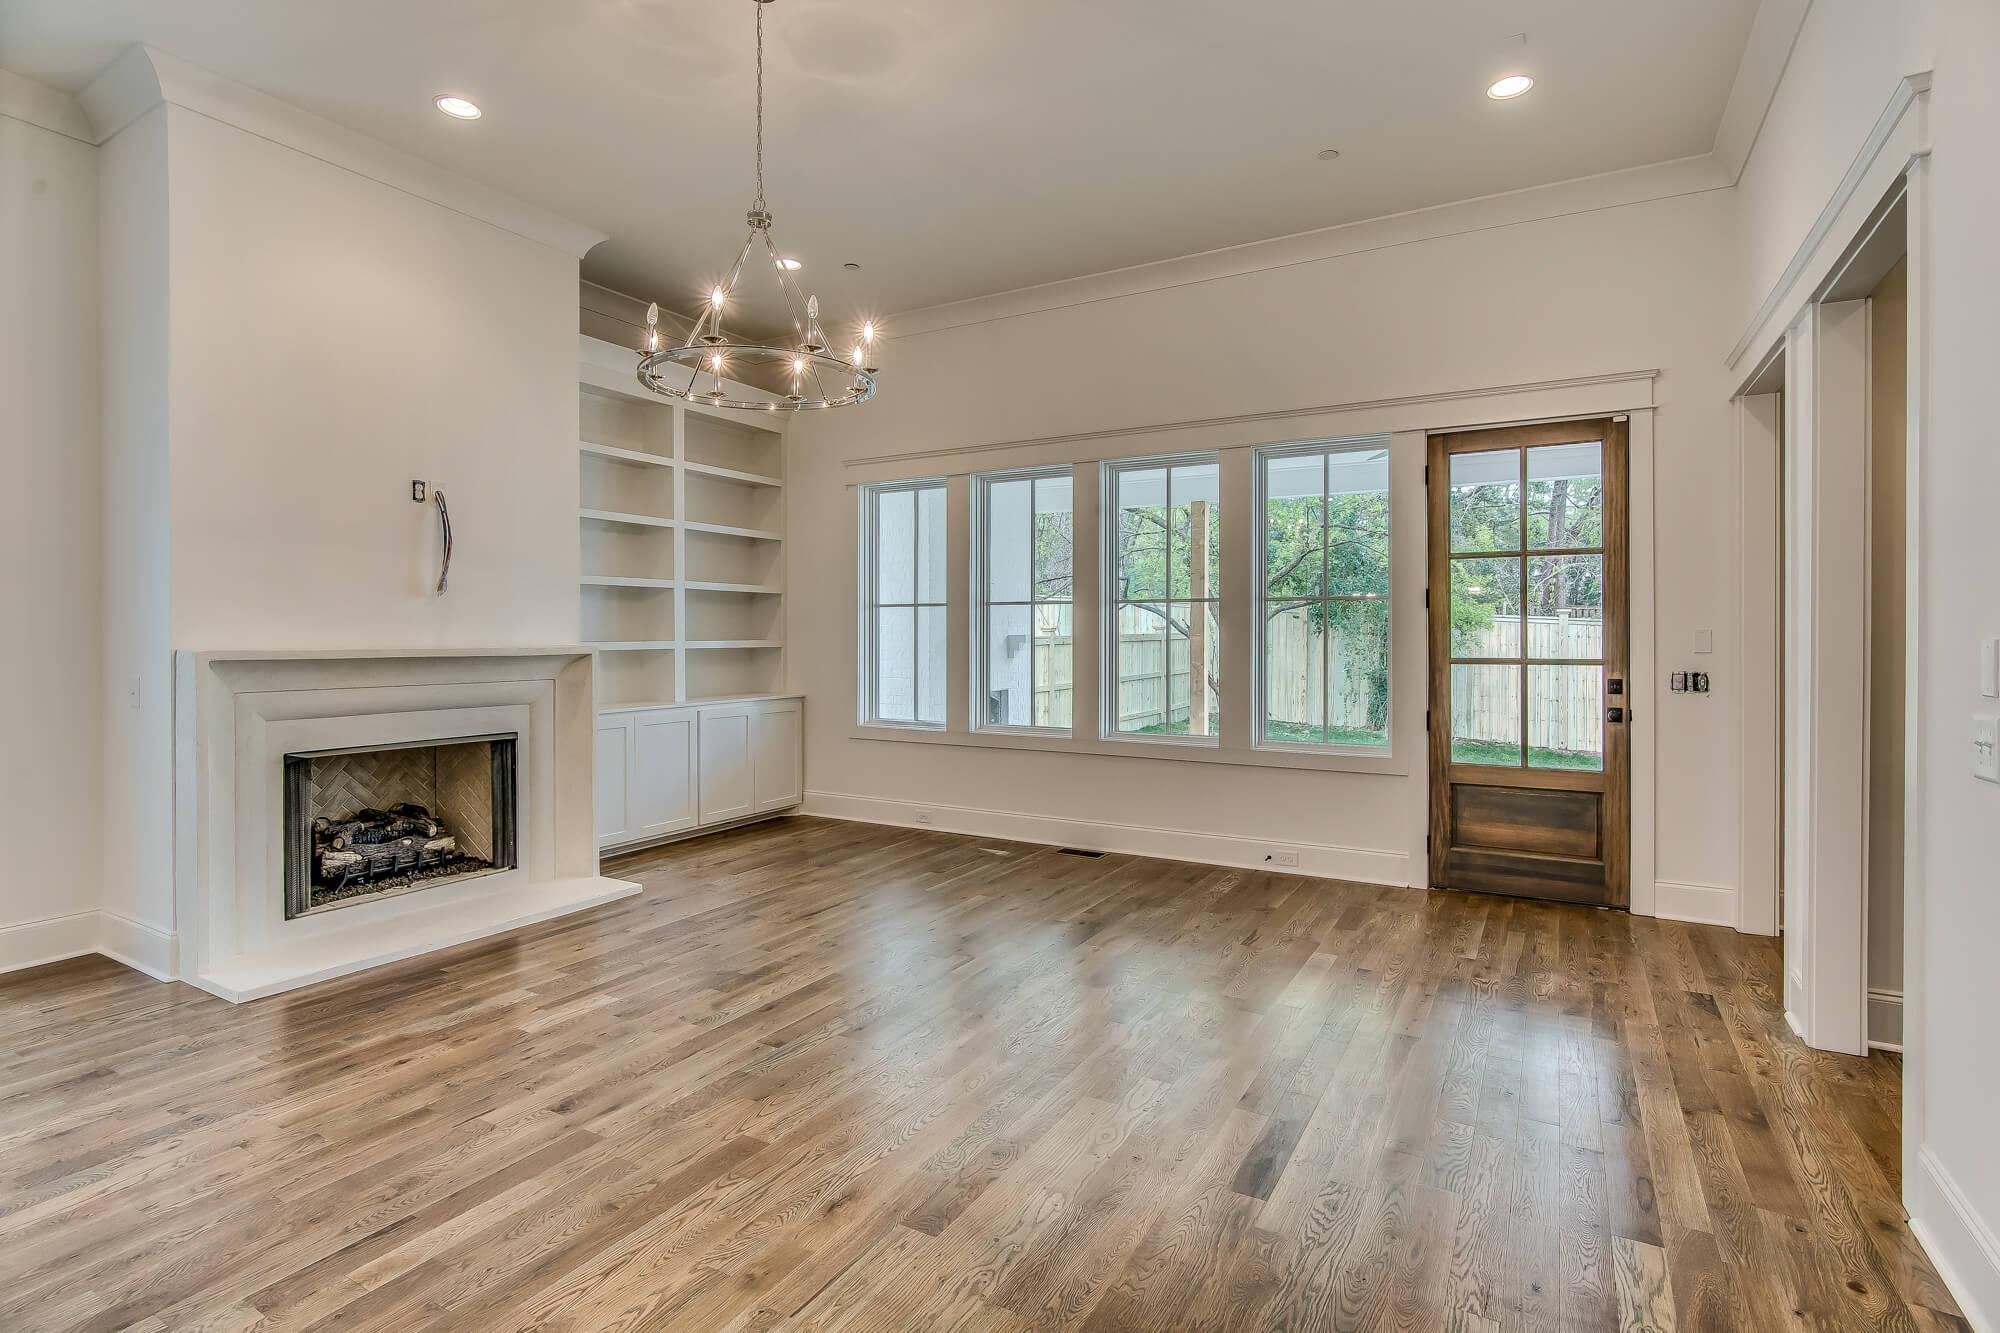 chandelier-development-nashville-tennessee-home-builder--18.jpg